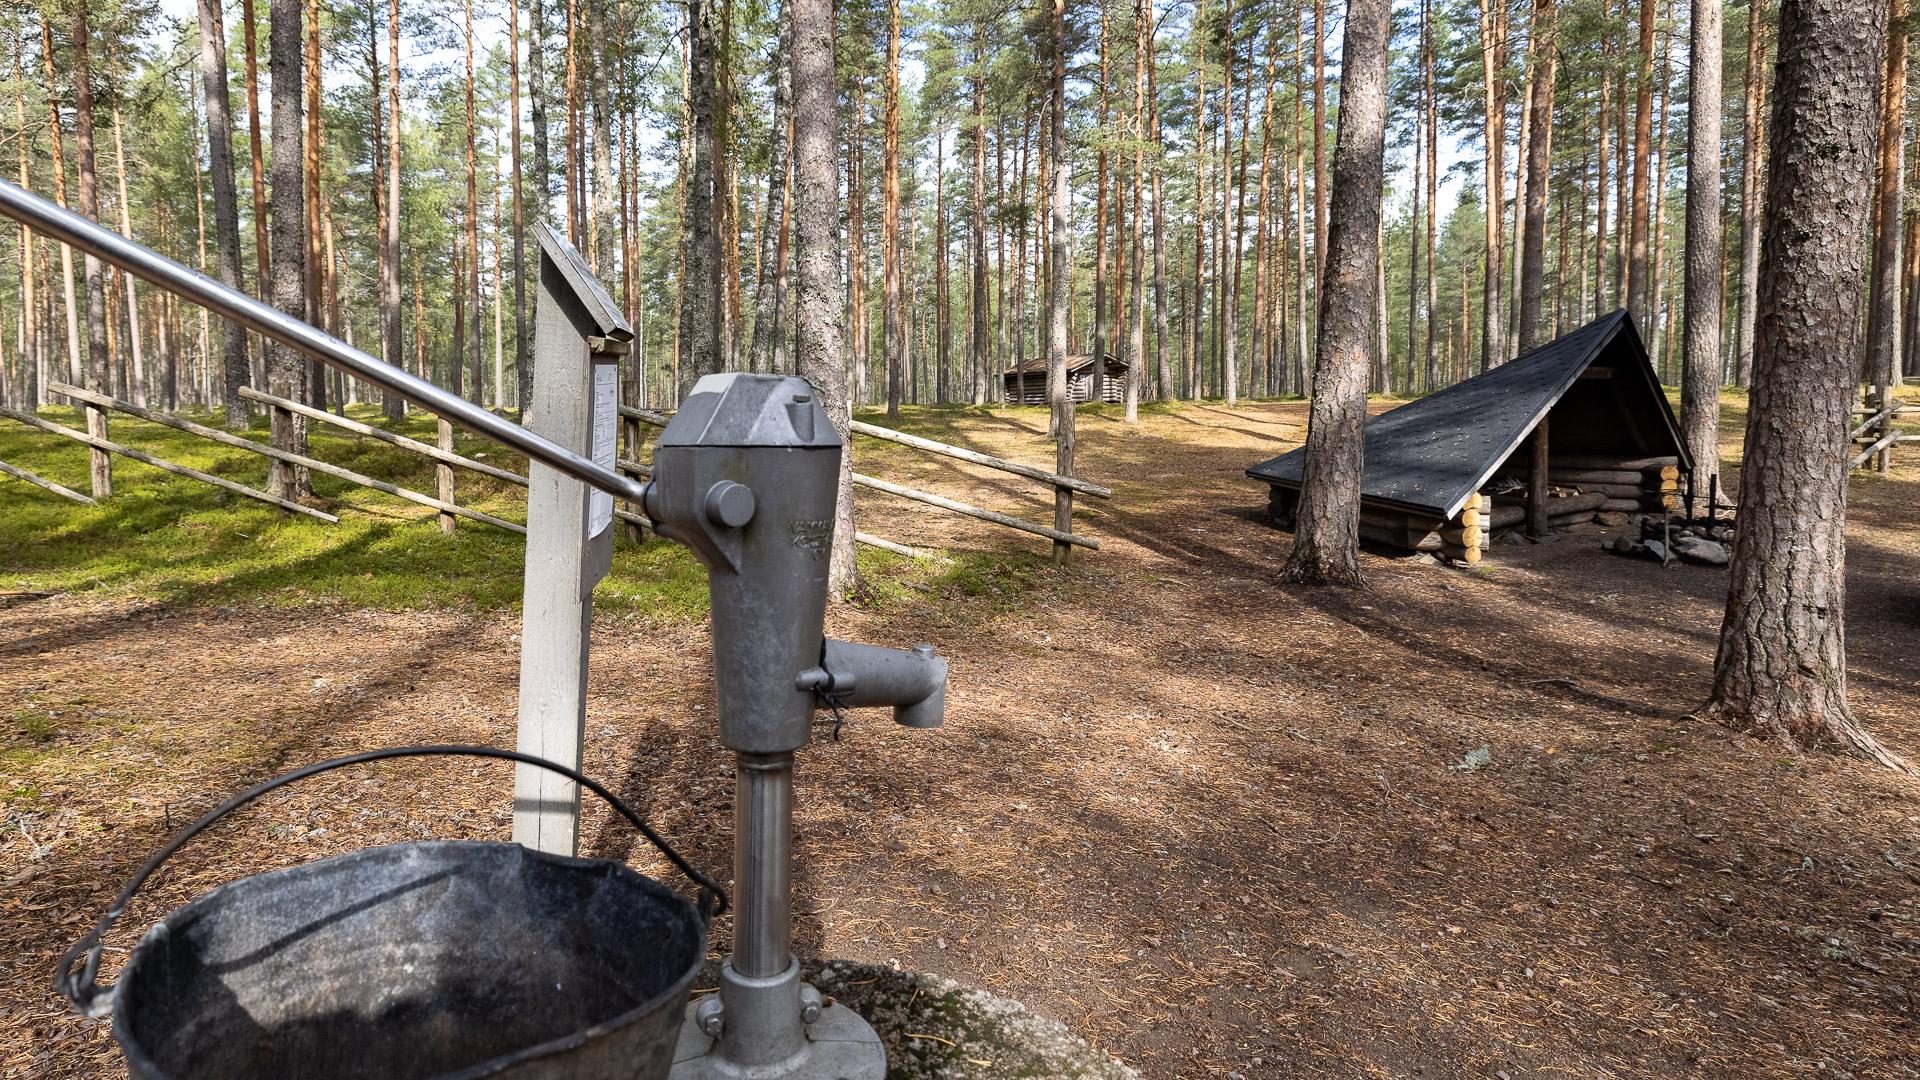 Ruskalaavu kaivo Hämeenkangas Jämijärvi